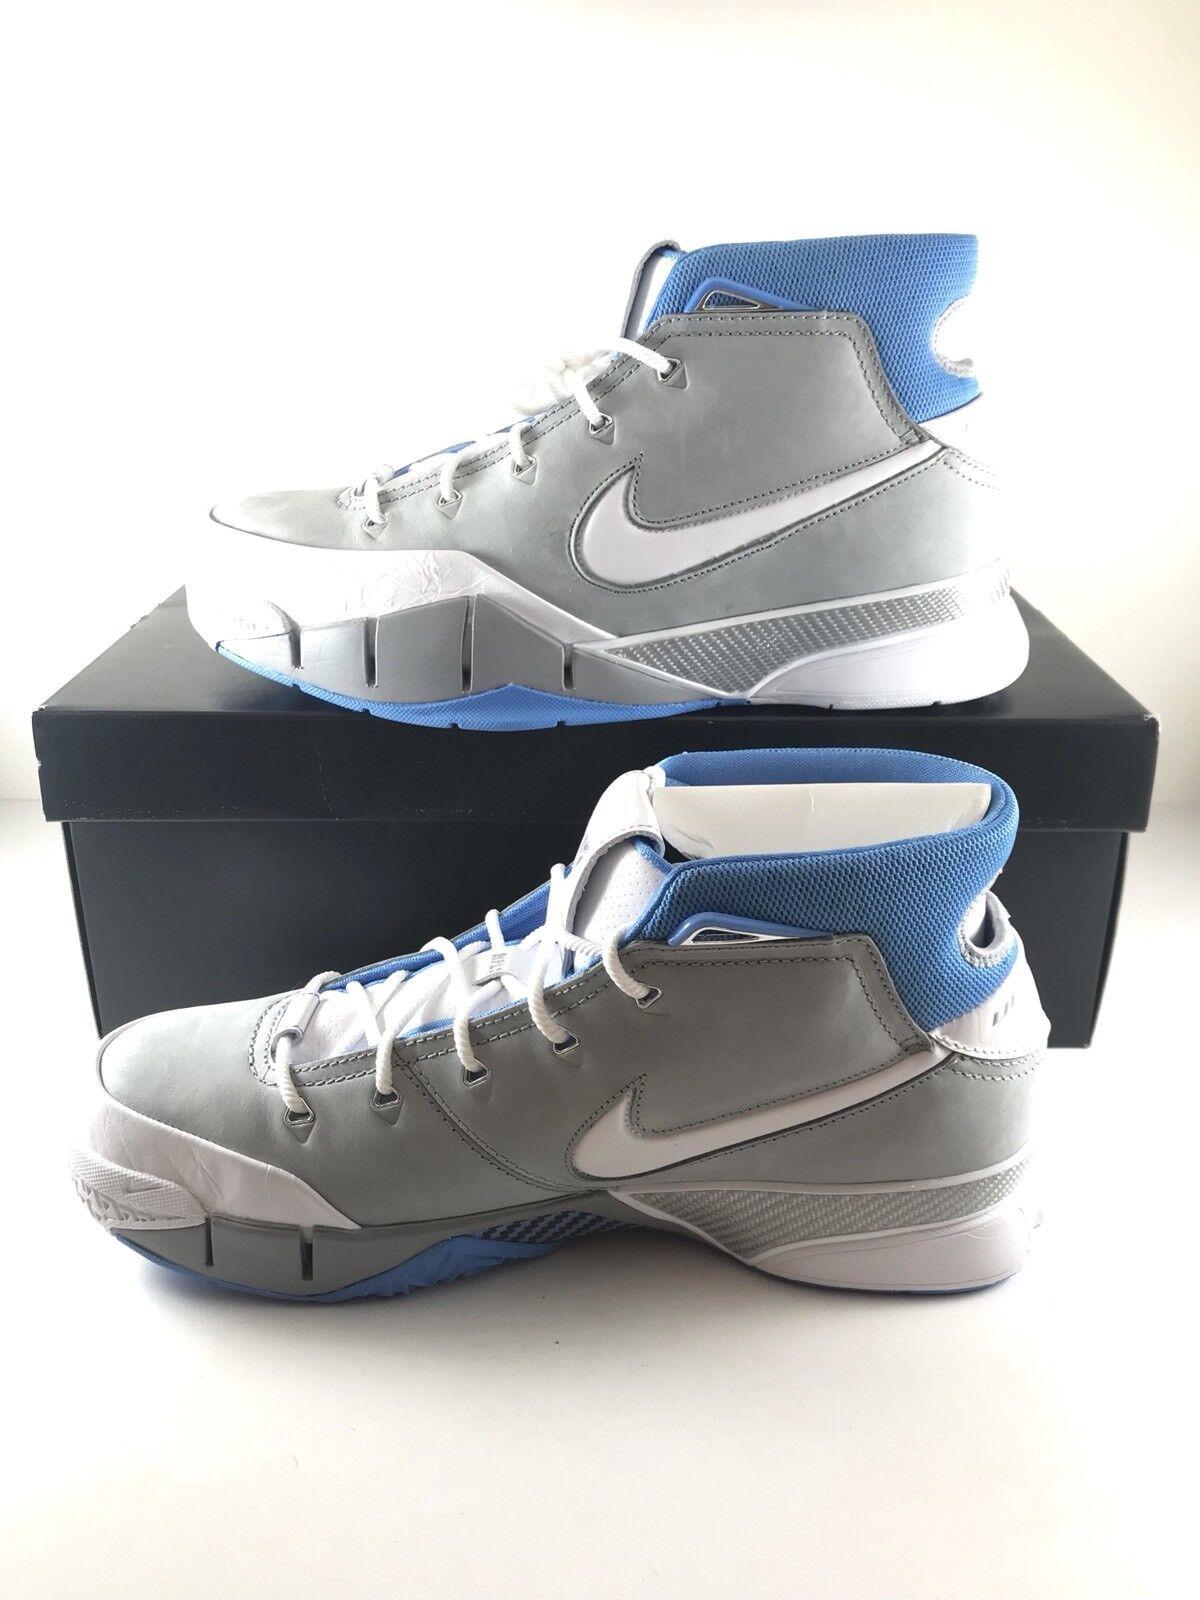 Nike Kobe Mamba 1 protro MPLS Bryant Mamba Kobe gris azul aq2728-001 Hombre Talla 12 casual salvaje 4e8a4c